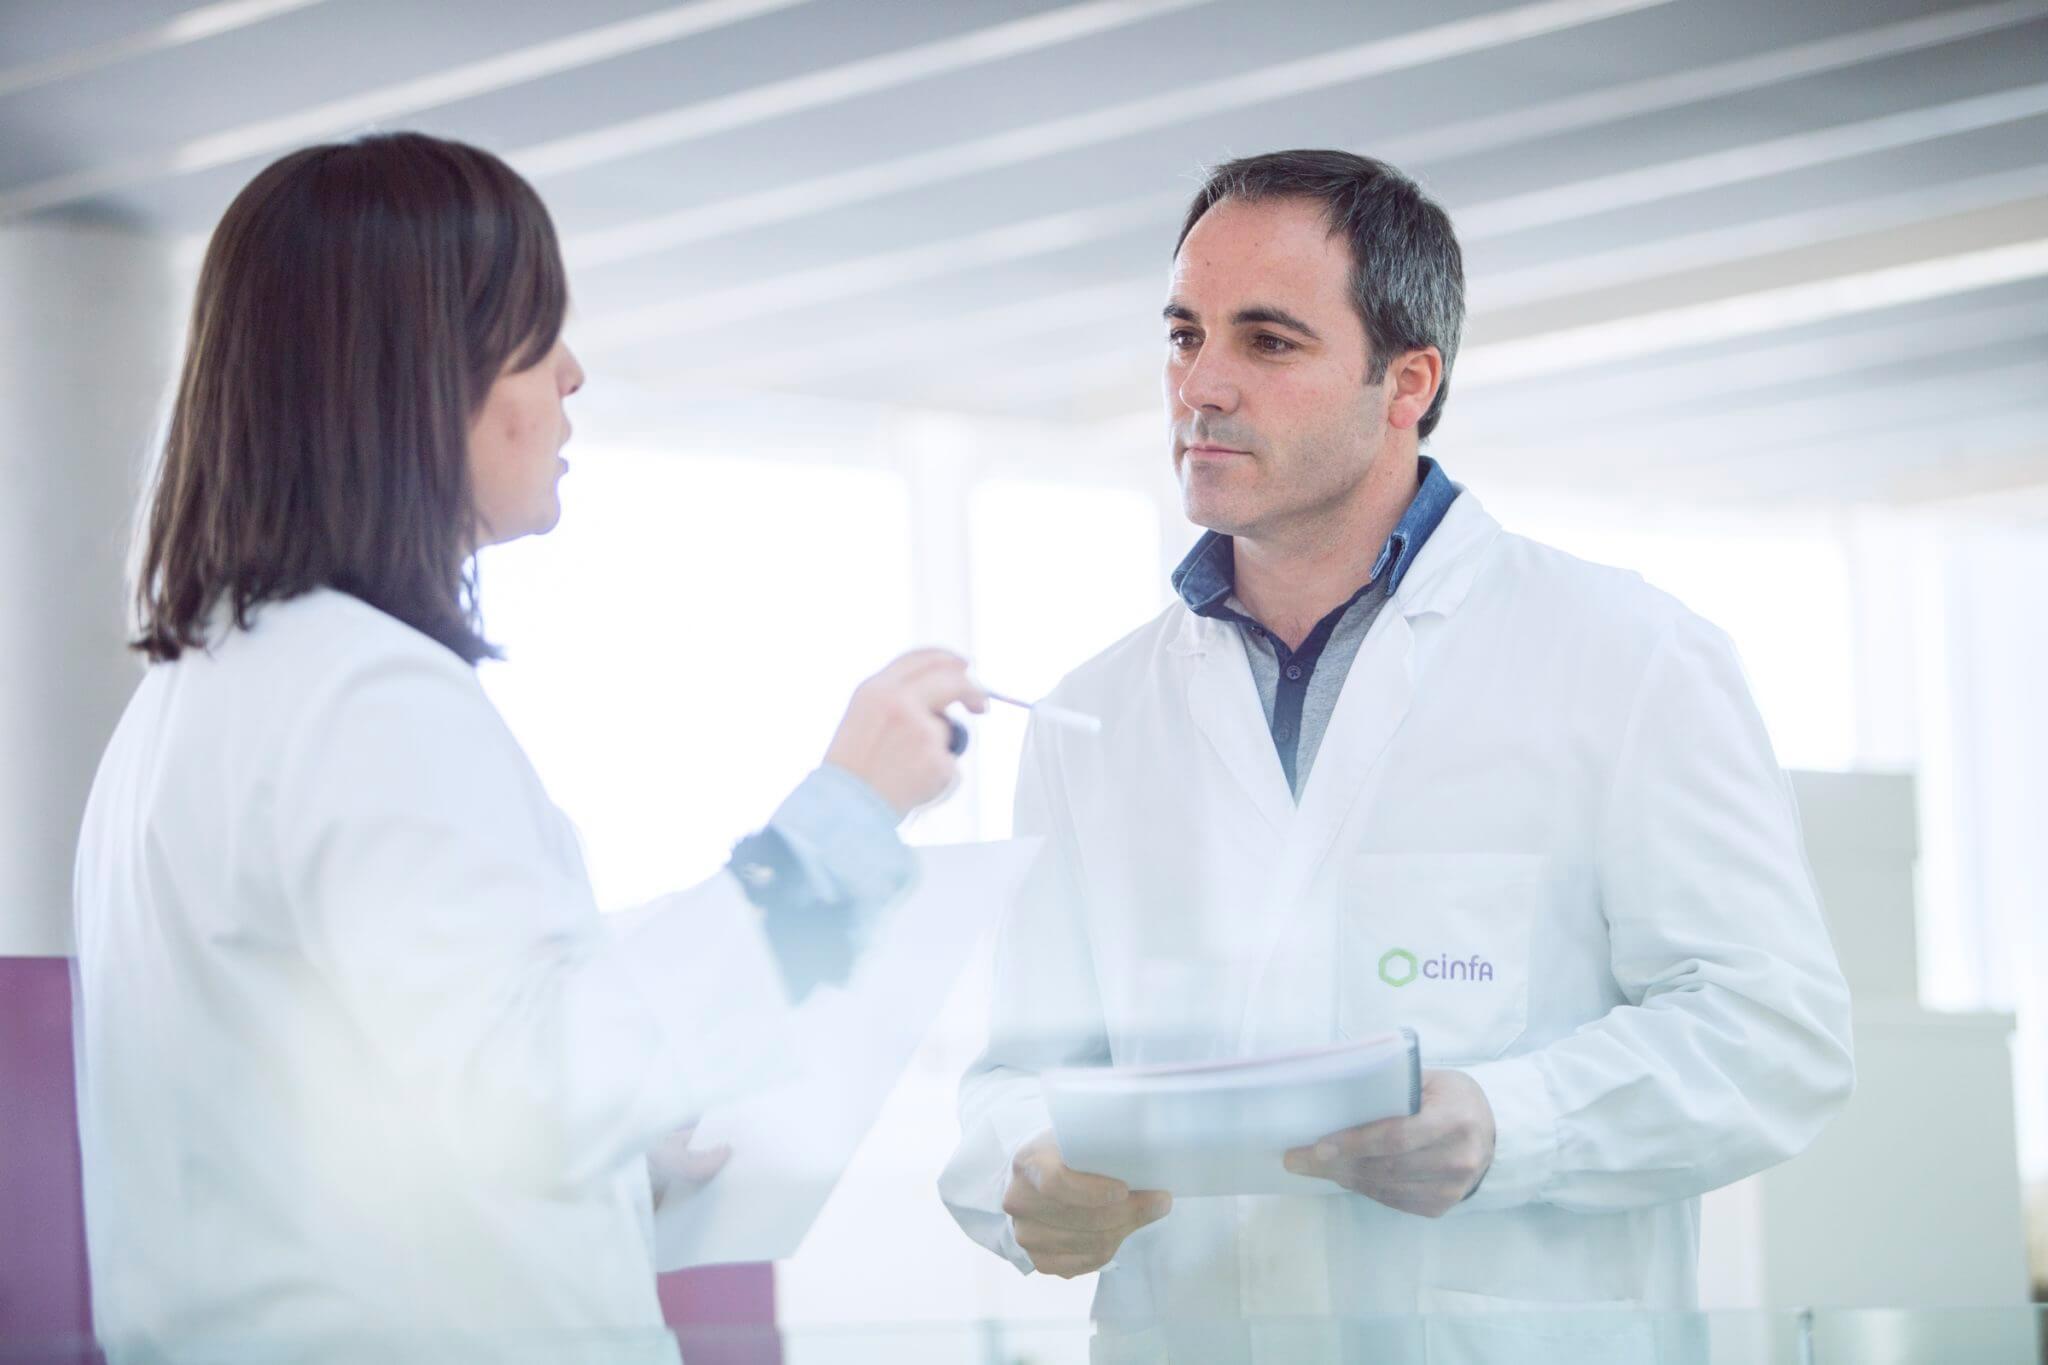 Farmaceúticos de Cinfa trabajando para mejorar su salud